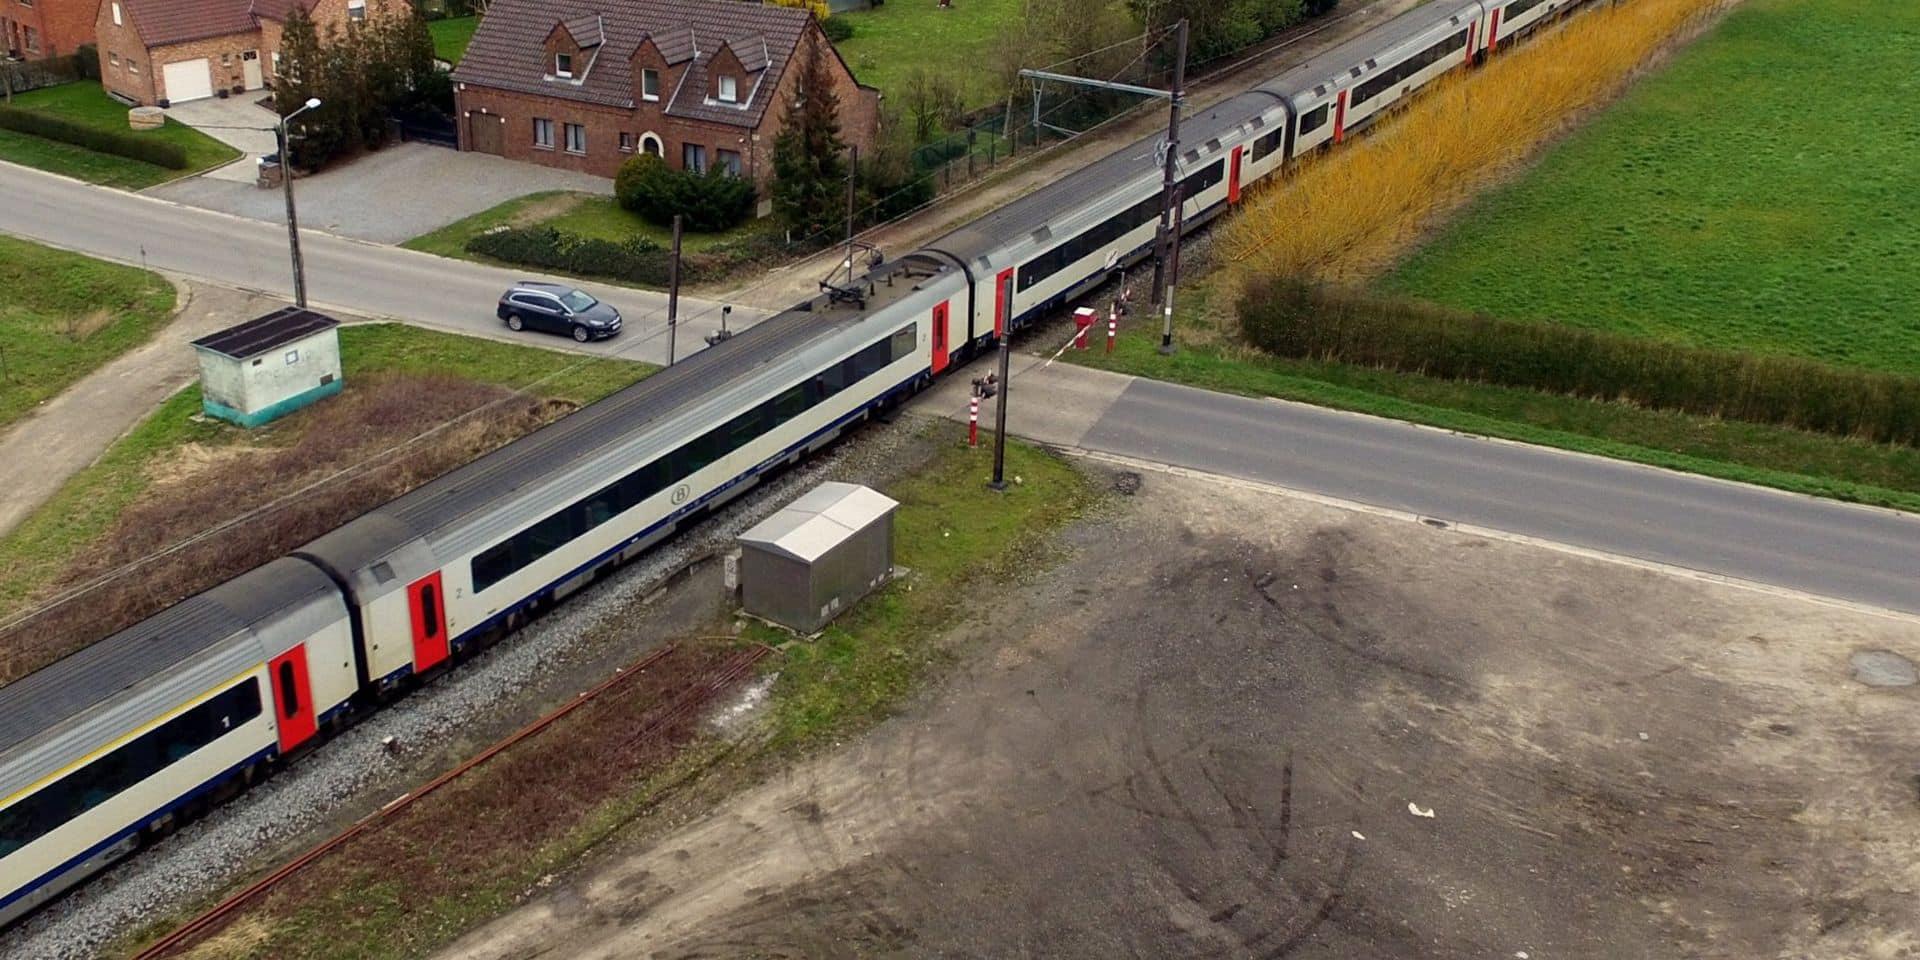 Le trafic ferroviaire interrompu entre Tournai et Lille après un accident mortel sur les rails